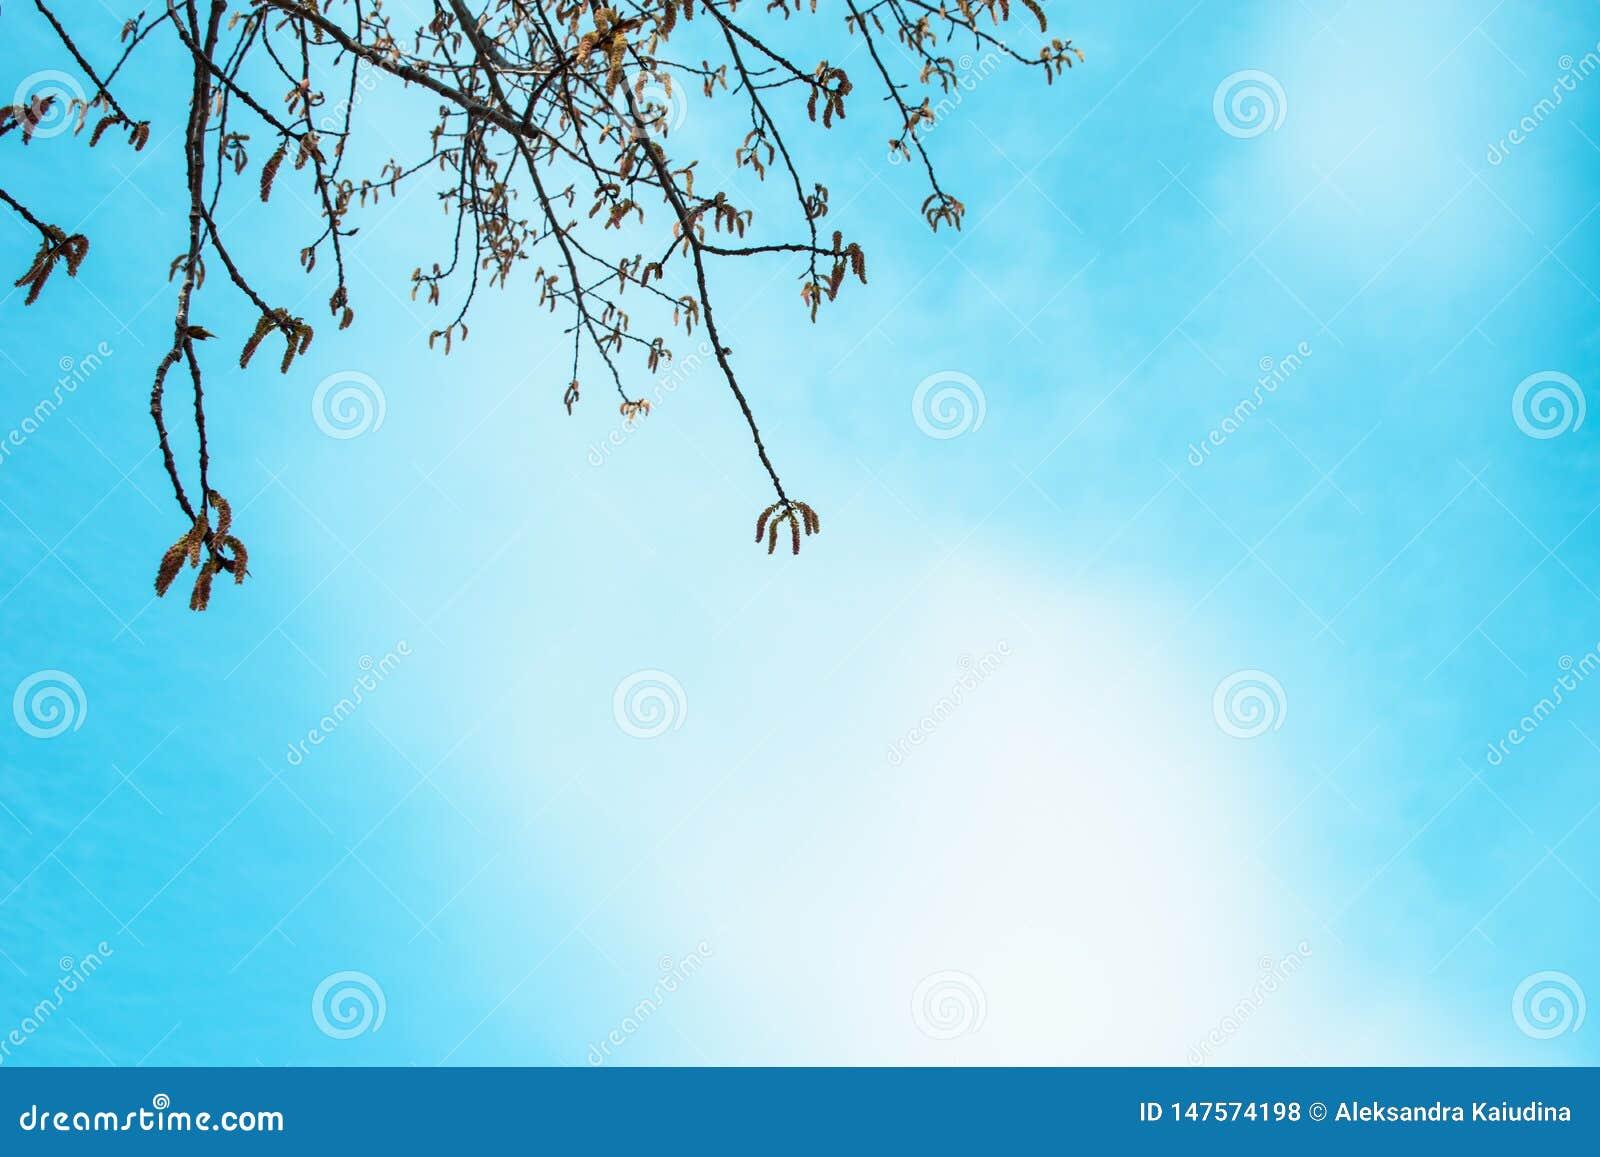 Ramas del abedul contra el cielo azul